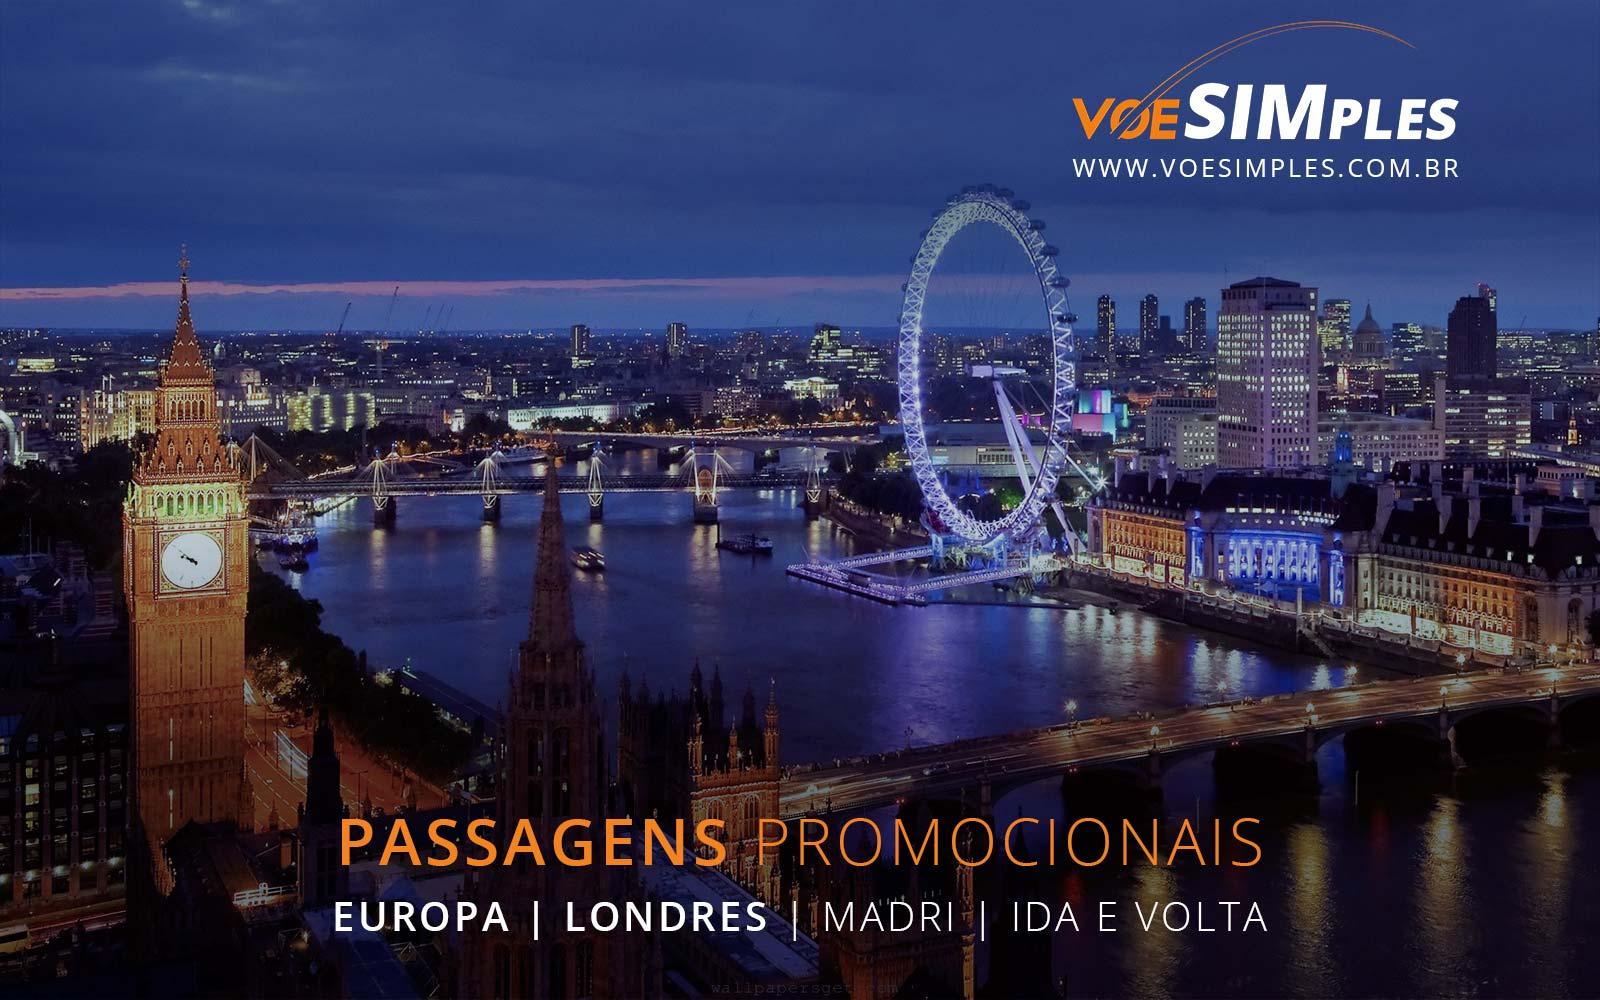 Promoção de passagens aéreas para Londres e Madri na Europa